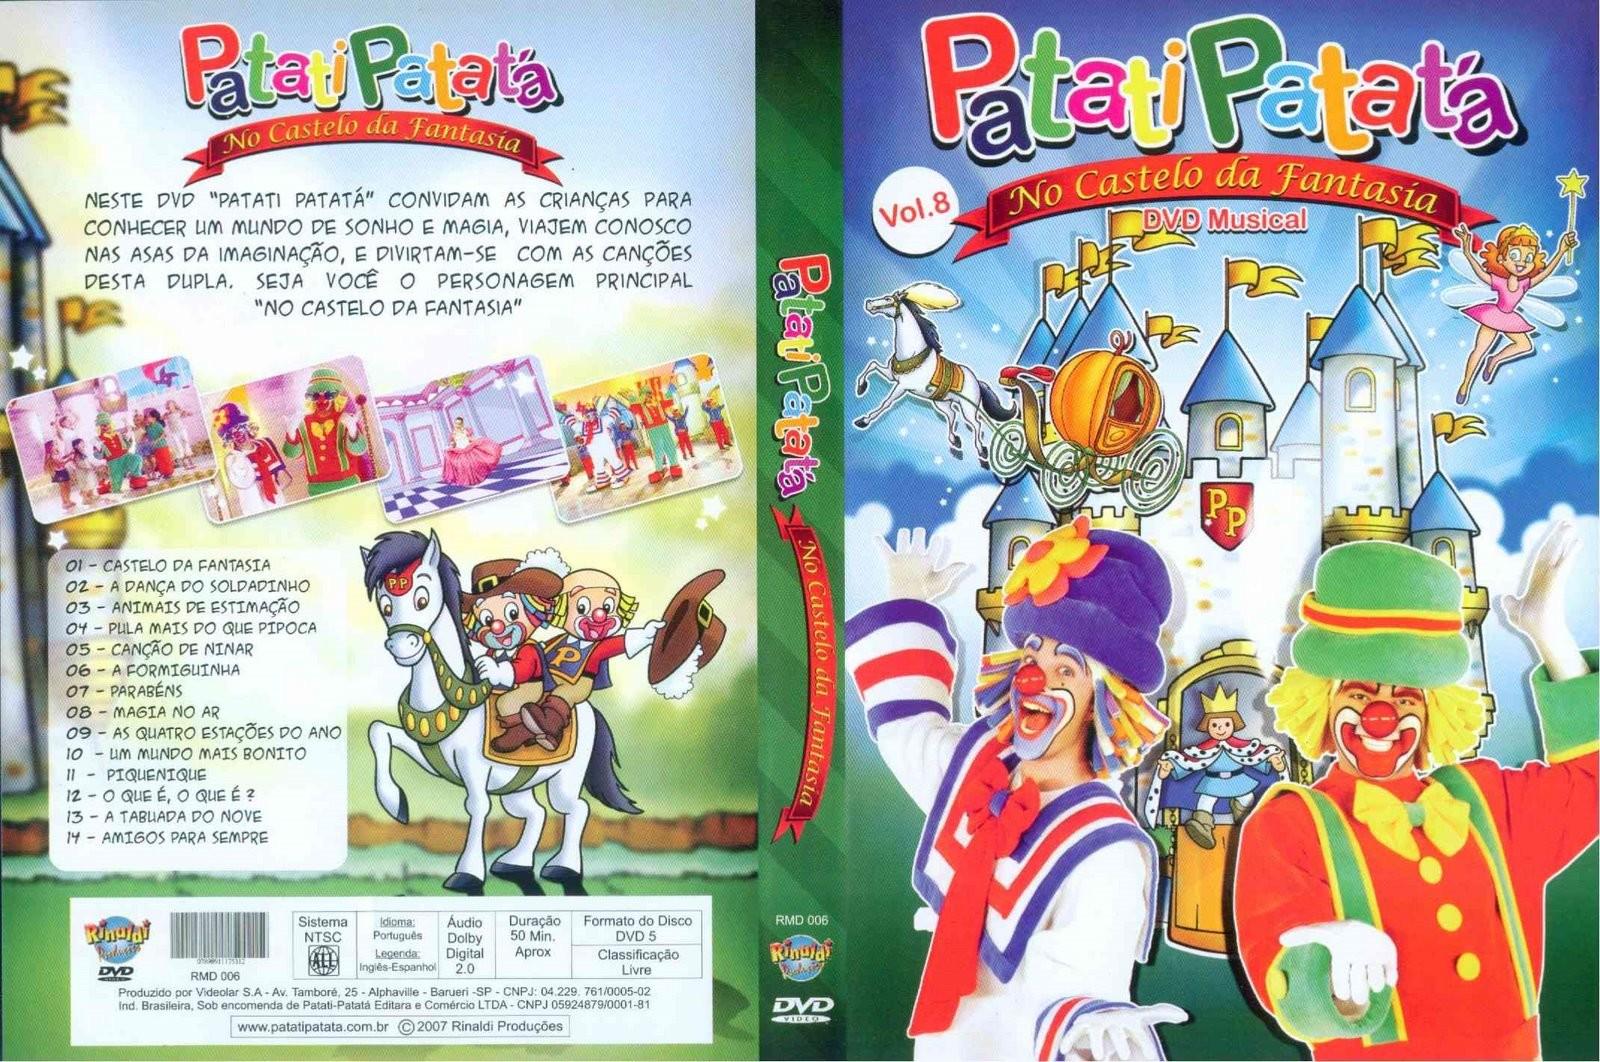 CAPA DVD   Patati Patata   No Castelo Da Fantasia